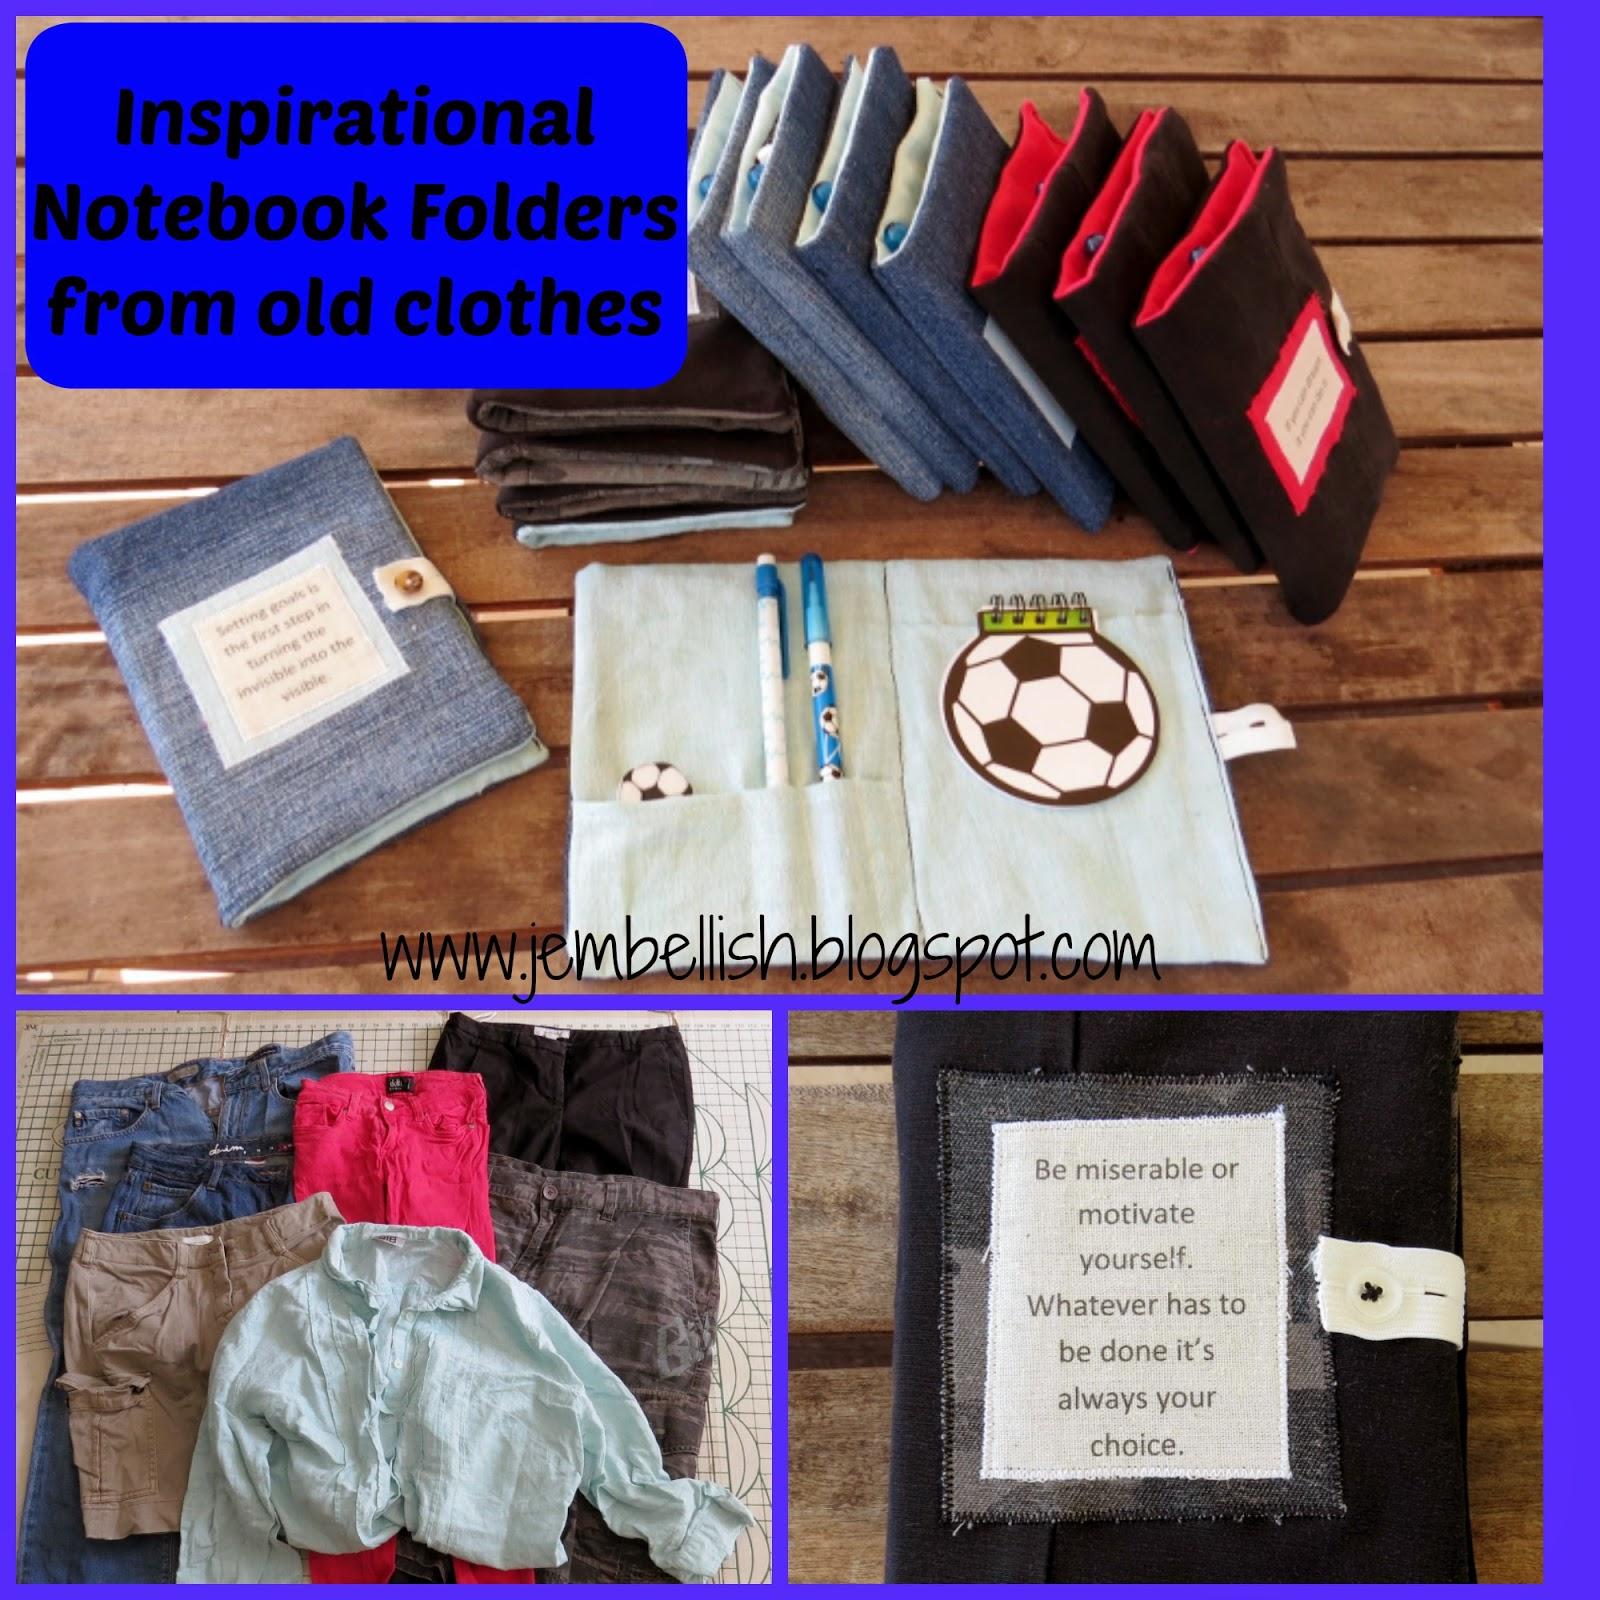 Inspirational Notebook Folders